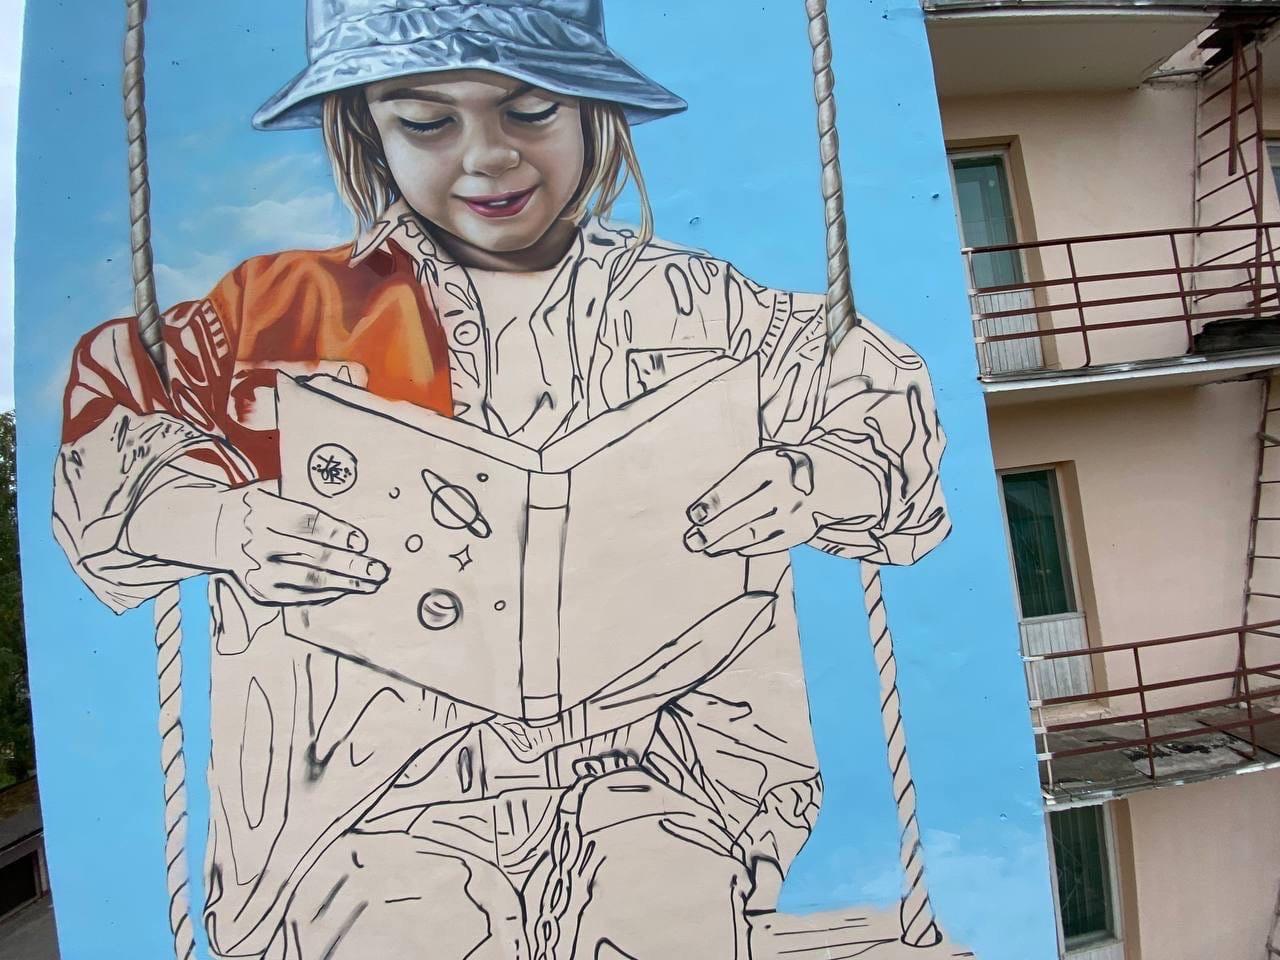 Художник Илья Белов завершает в Йошкар-Оле новое граффити